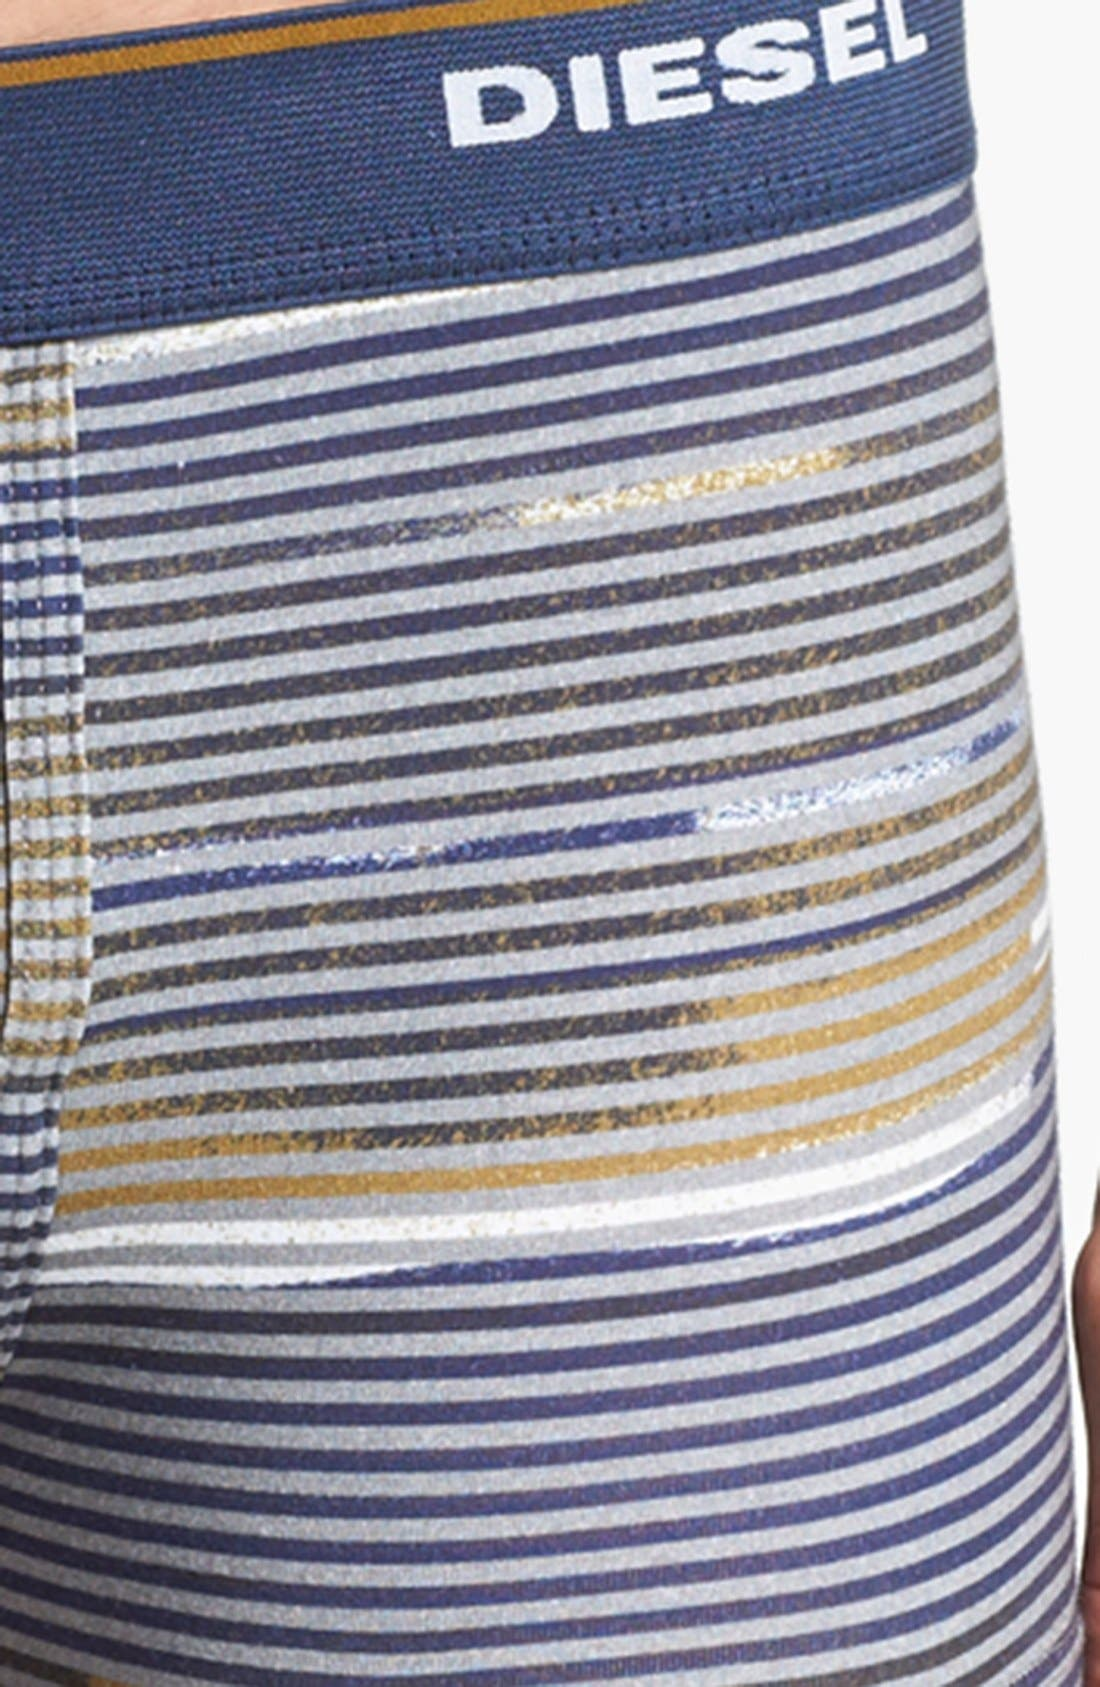 Alternate Image 3  - DIESEL® 'Divine' Stripe Boxer Briefs